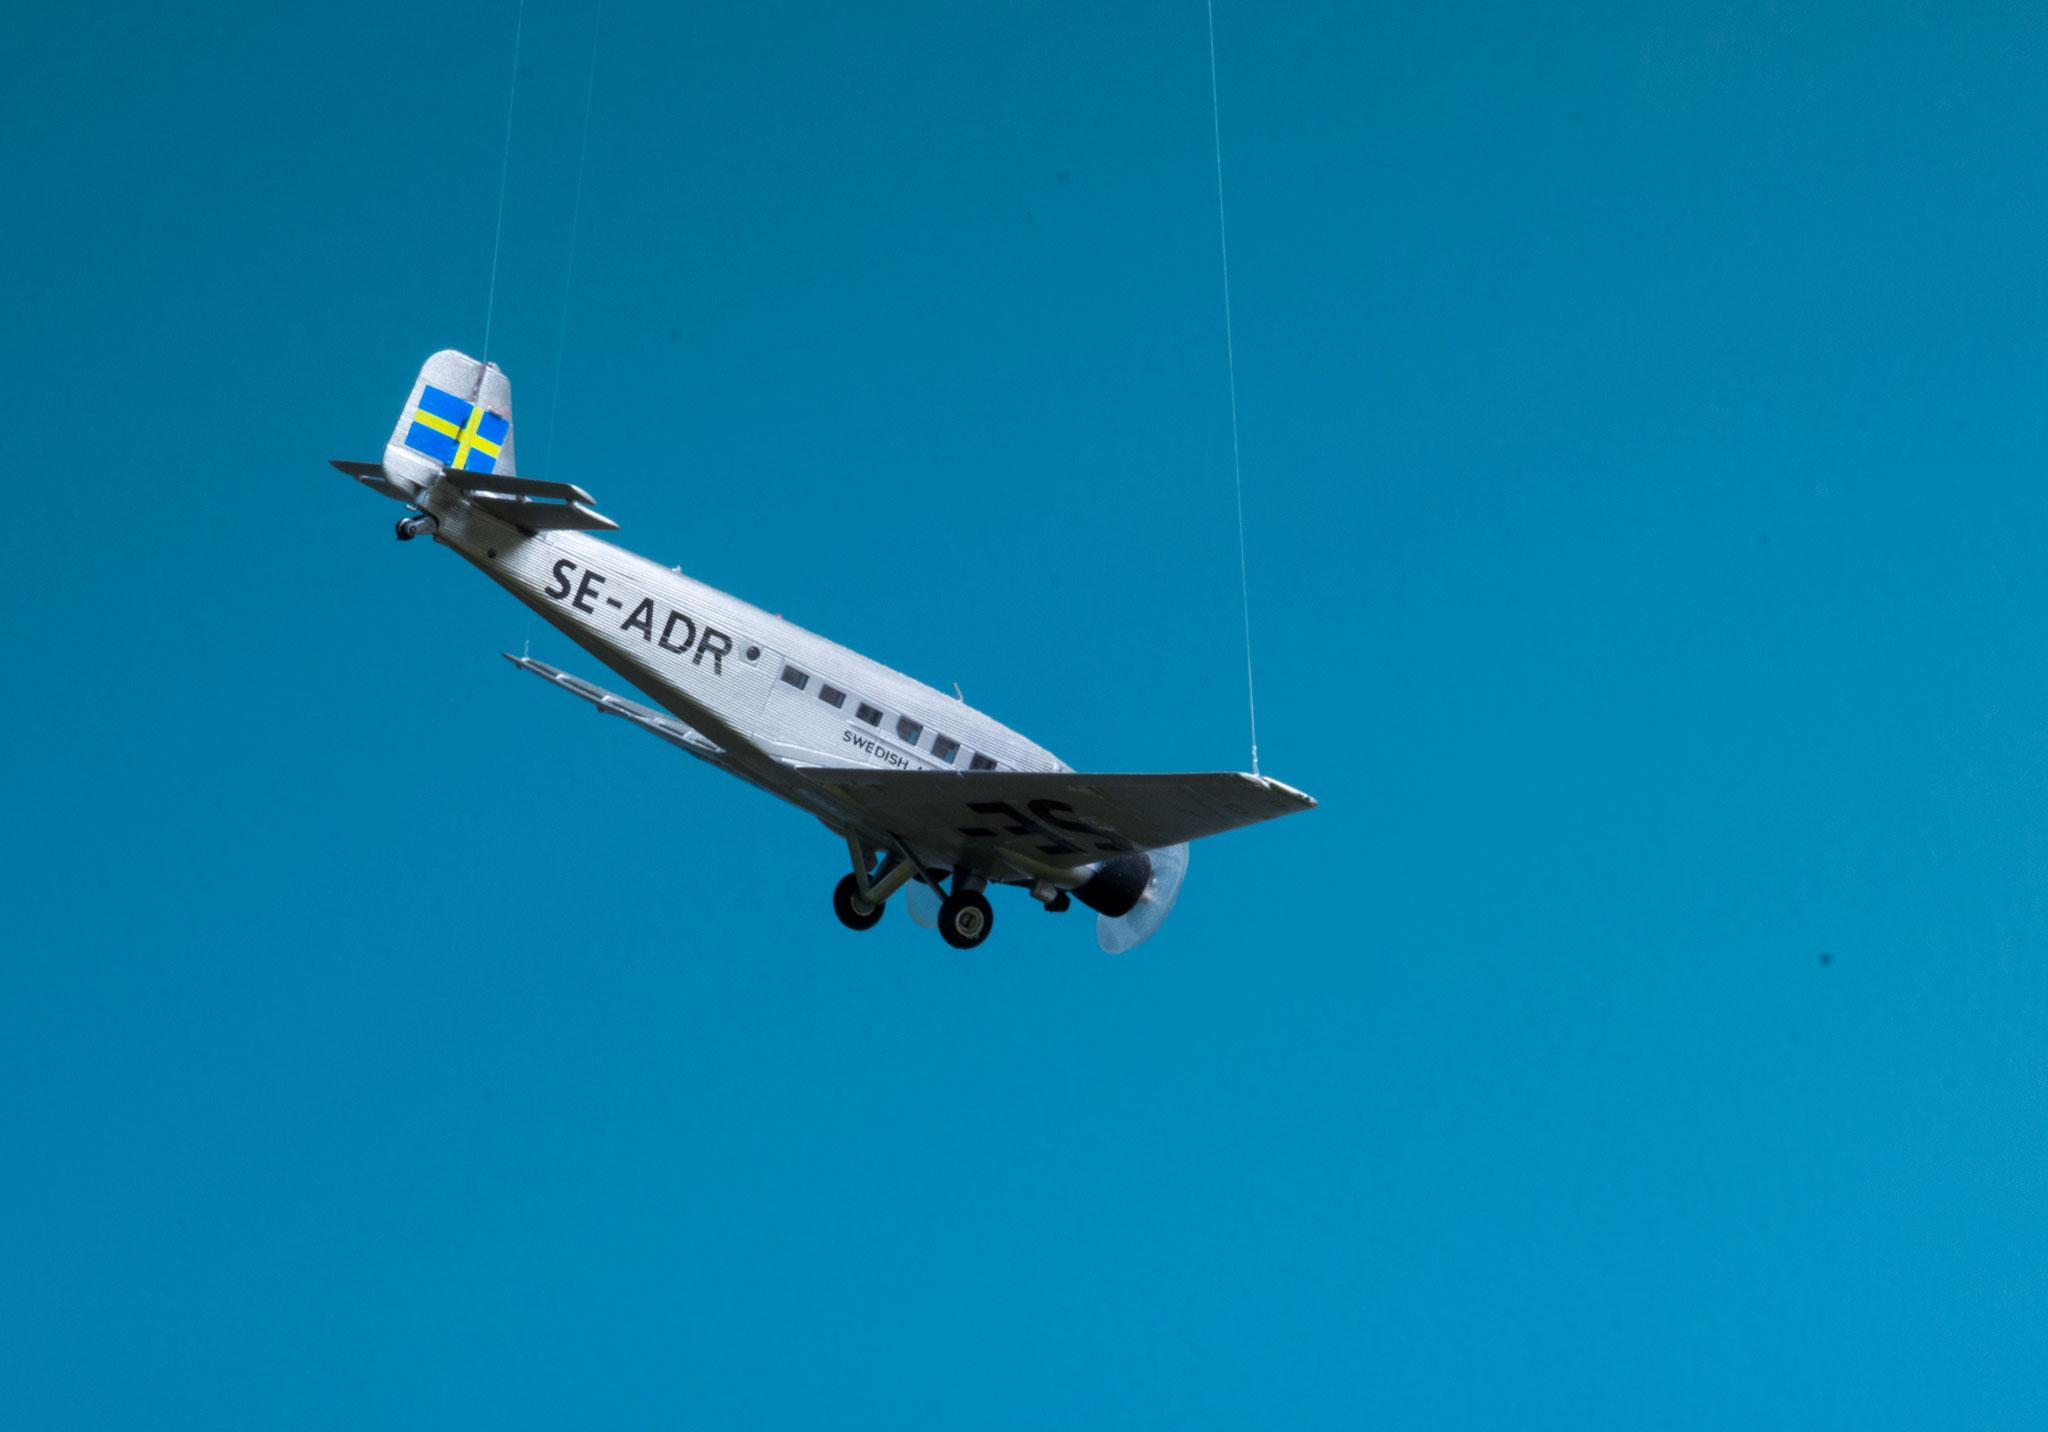 Junckers passagerfly lægger an til landing